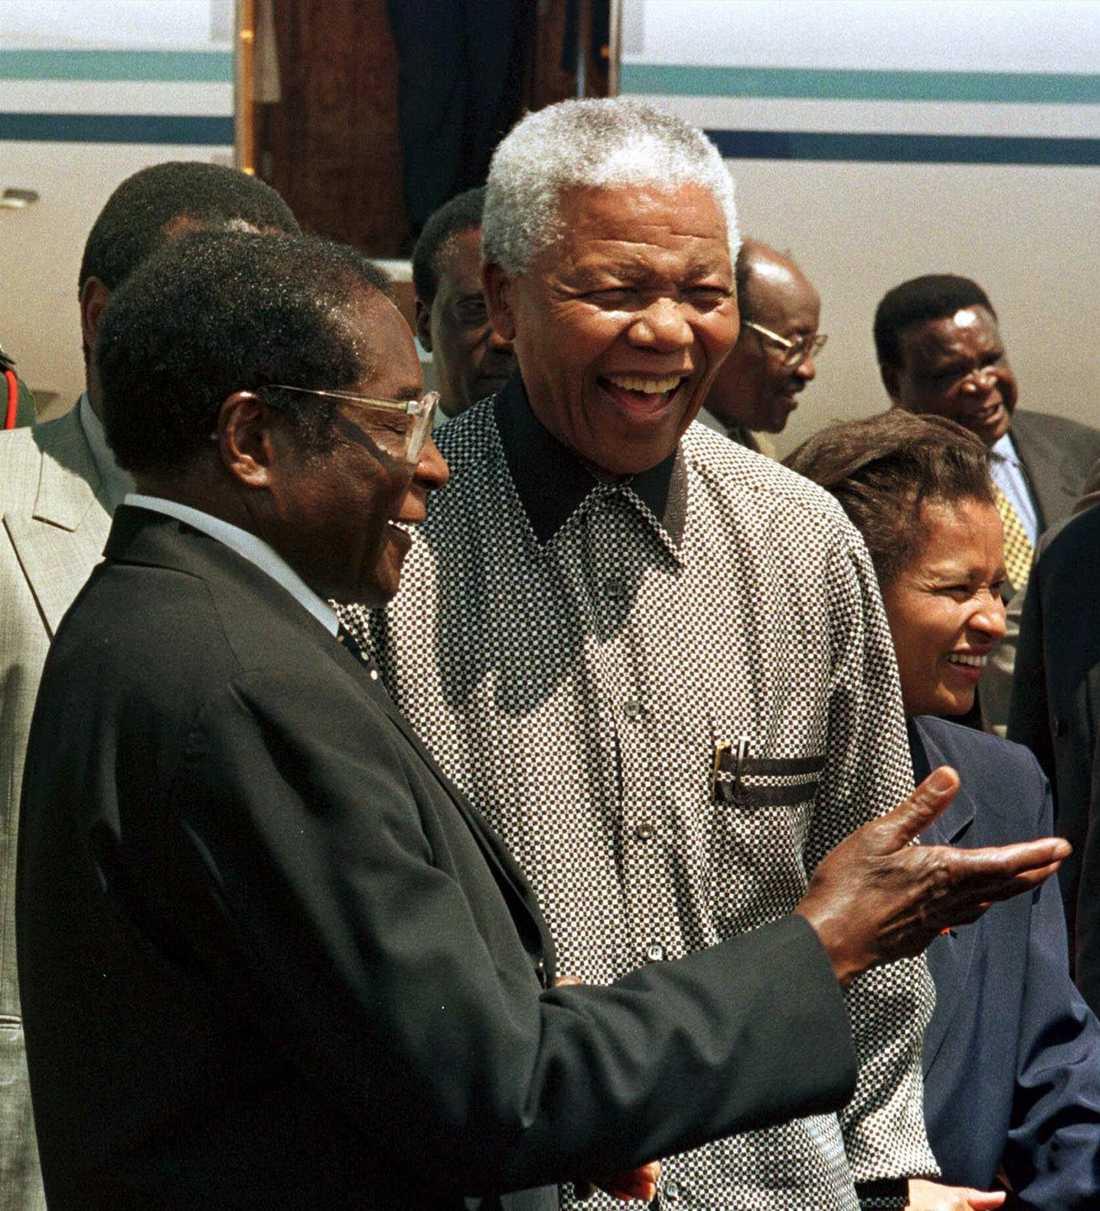 Robert Mugabe och Nelson Mandela valde olika vägar som ledare. Här under ett möte i Harare, 1998.